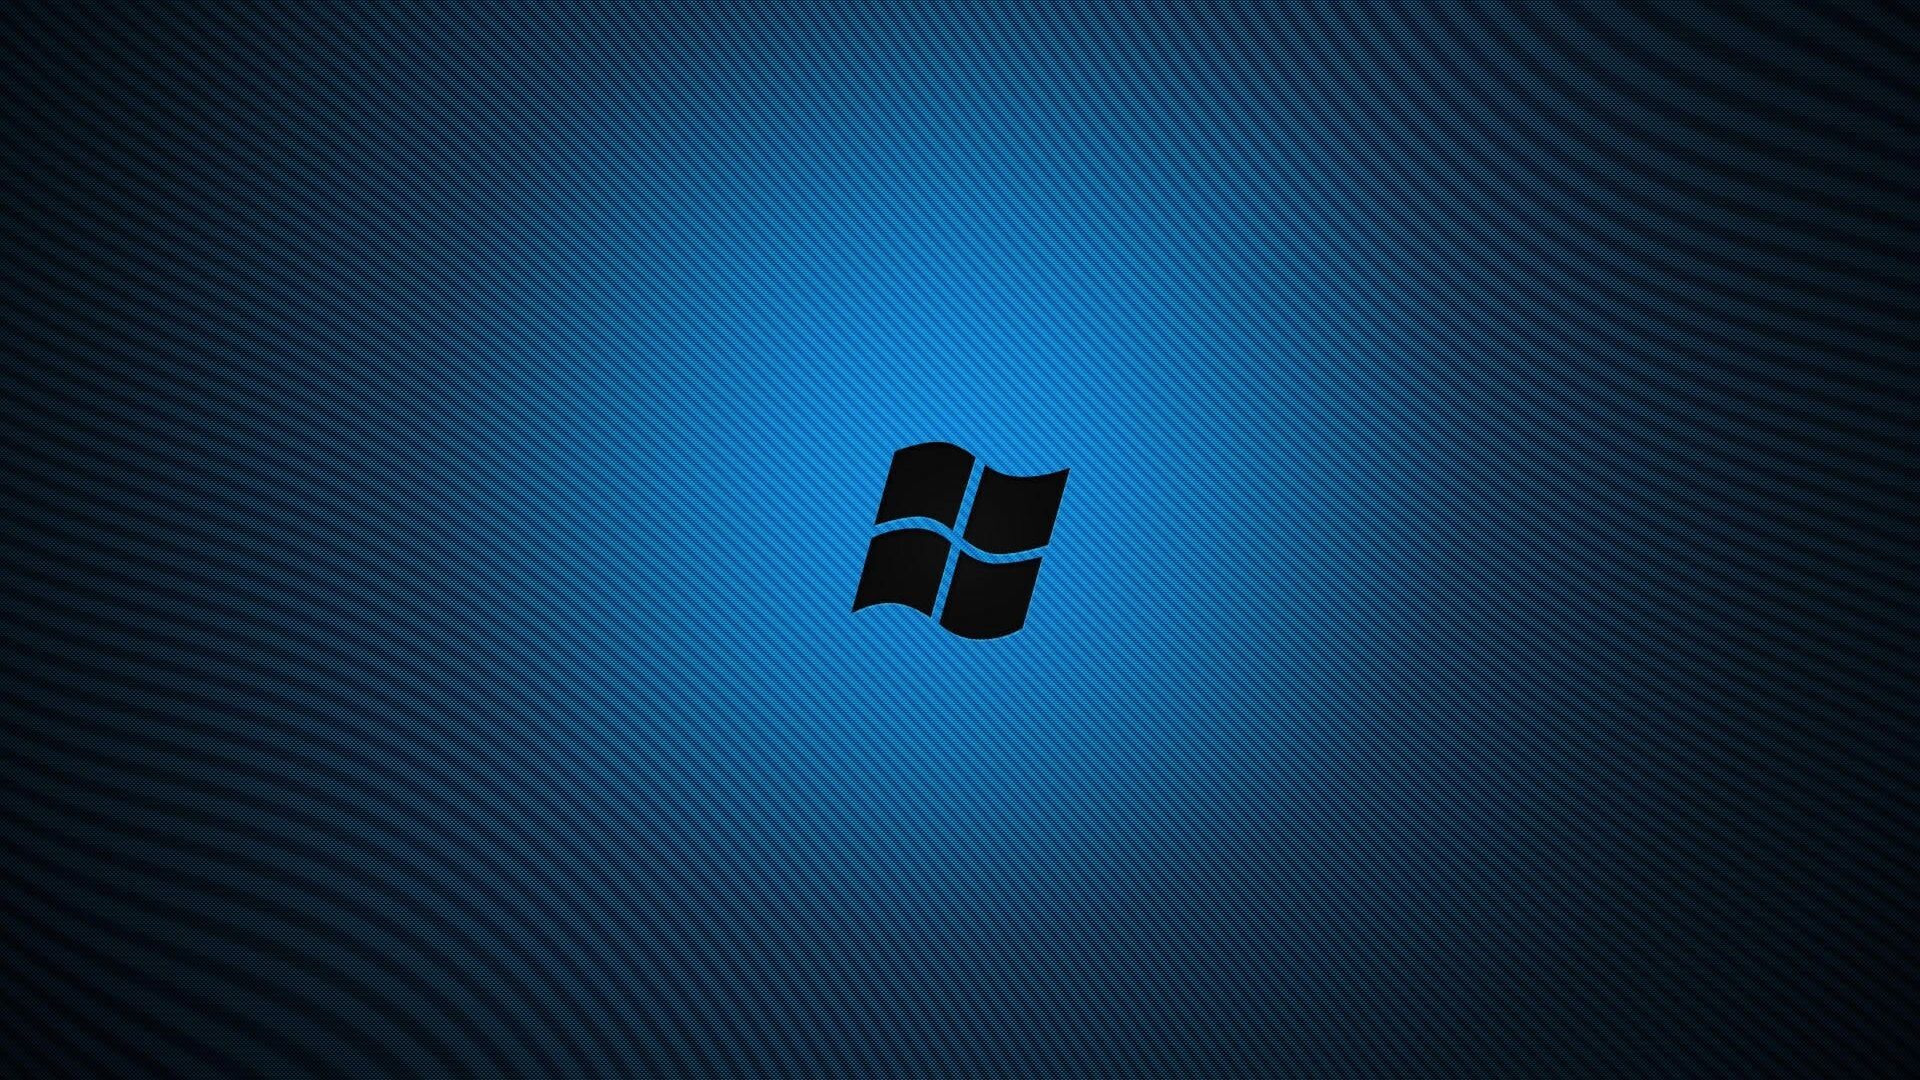 3d Windows 7 Images Hd 1080p